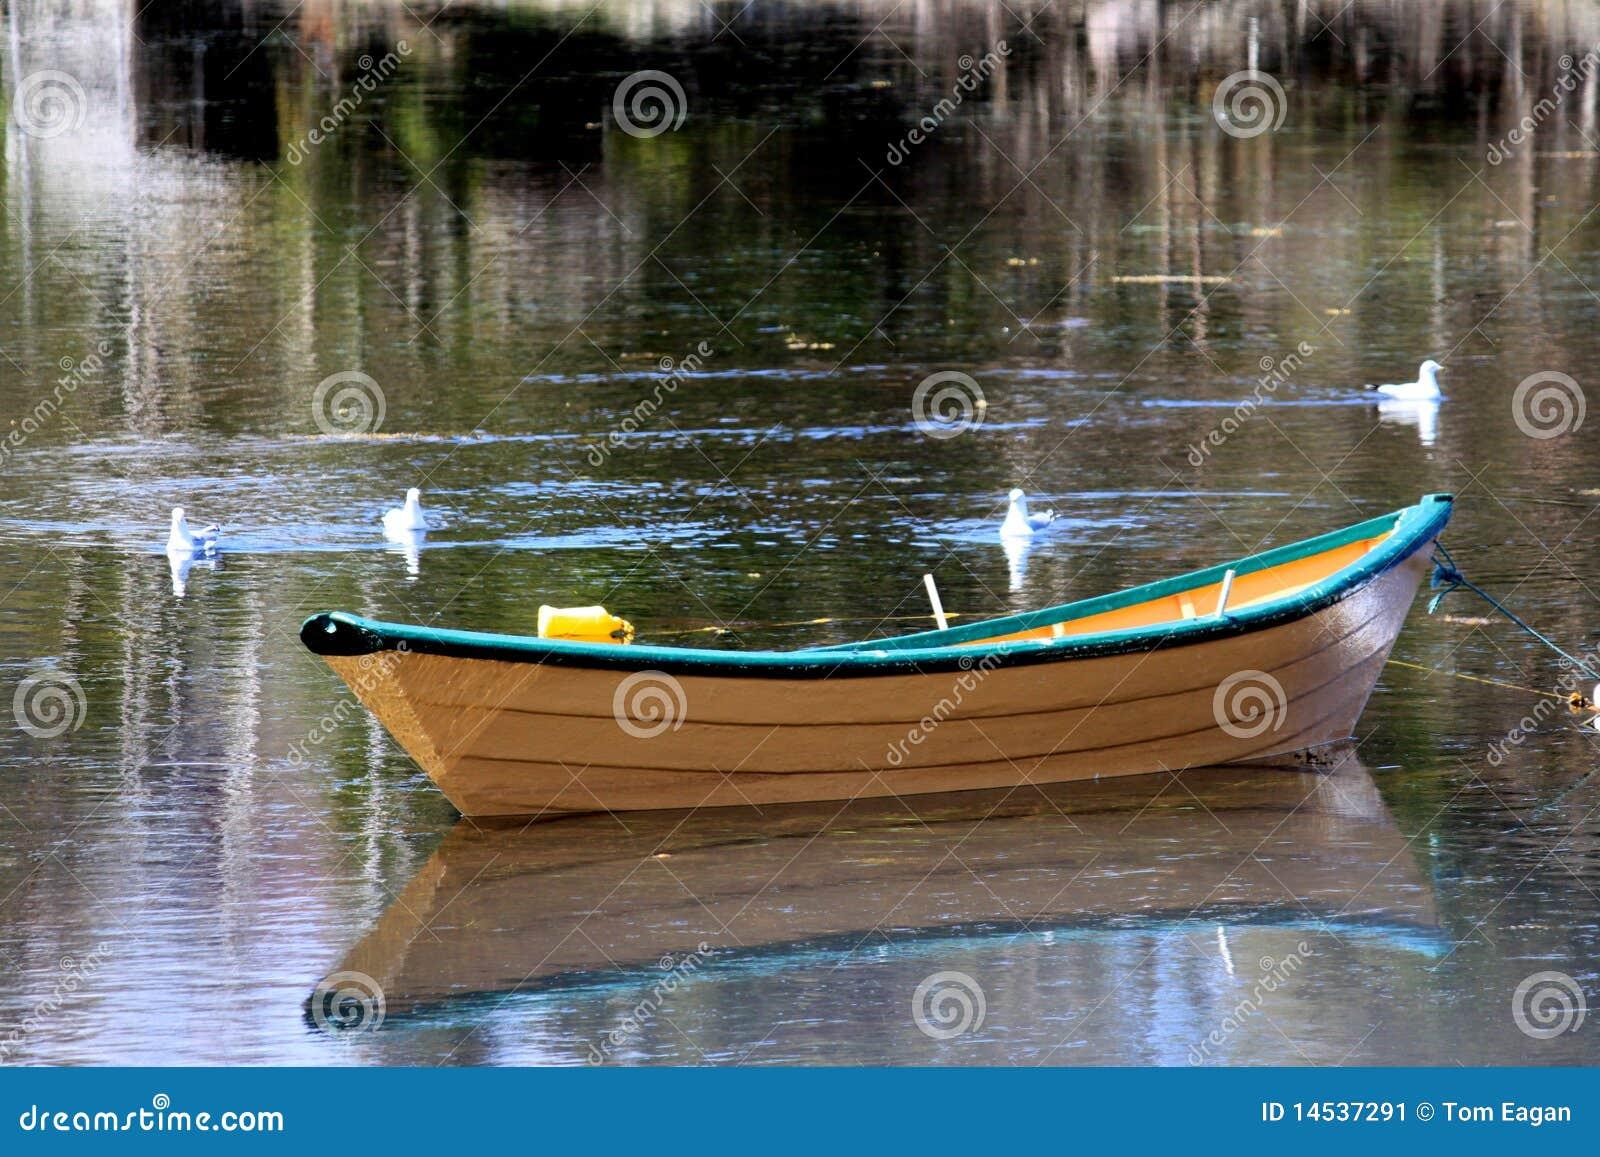 Fishing Dory Stock Image - Image: 14537291